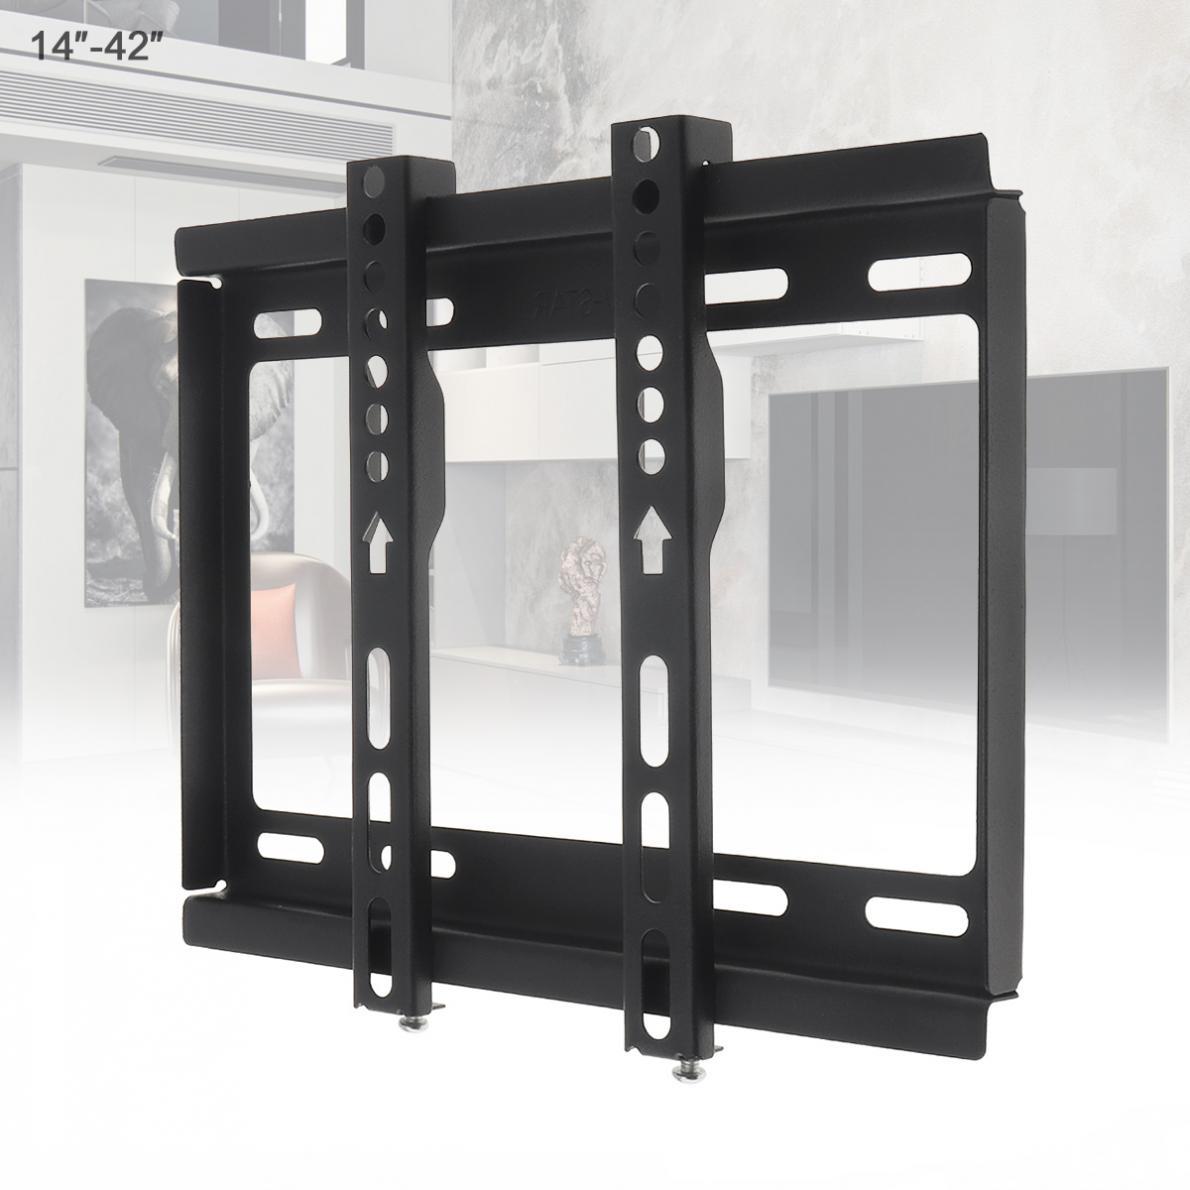 Soporte de montaje en pared Universal de TV de tipo fijo, 25KG, marco de TV de Panel plano para Monitor LCD LED de 14 - 42 pulgadas